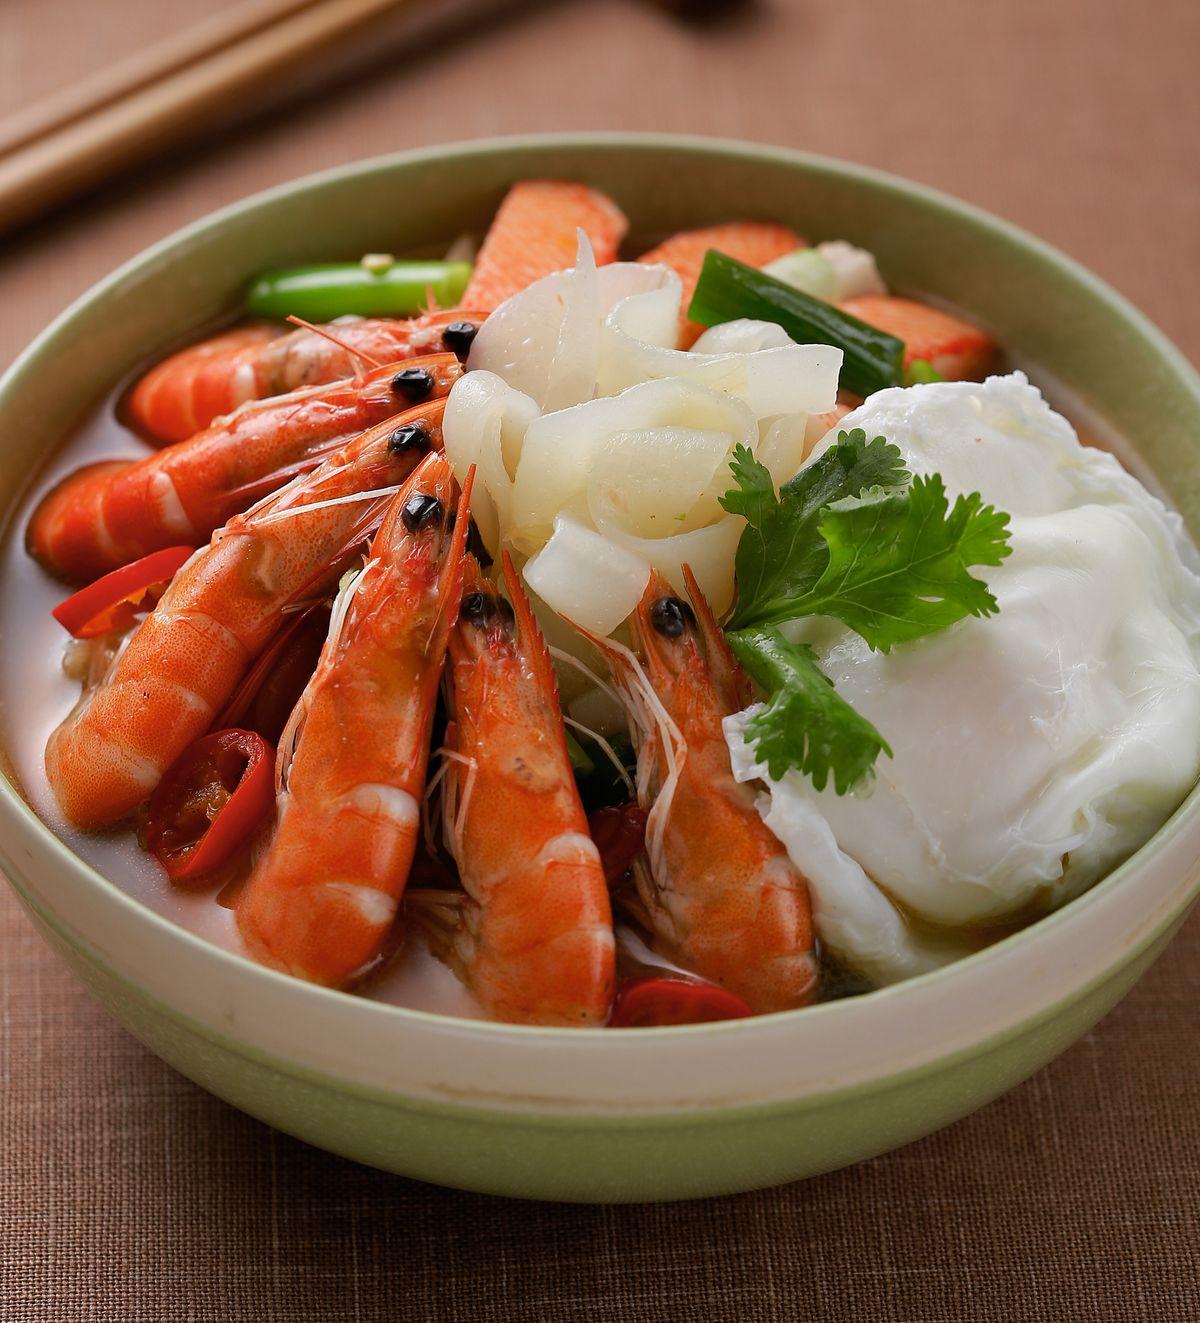 食譜:海鮮蒟蒻湯麵